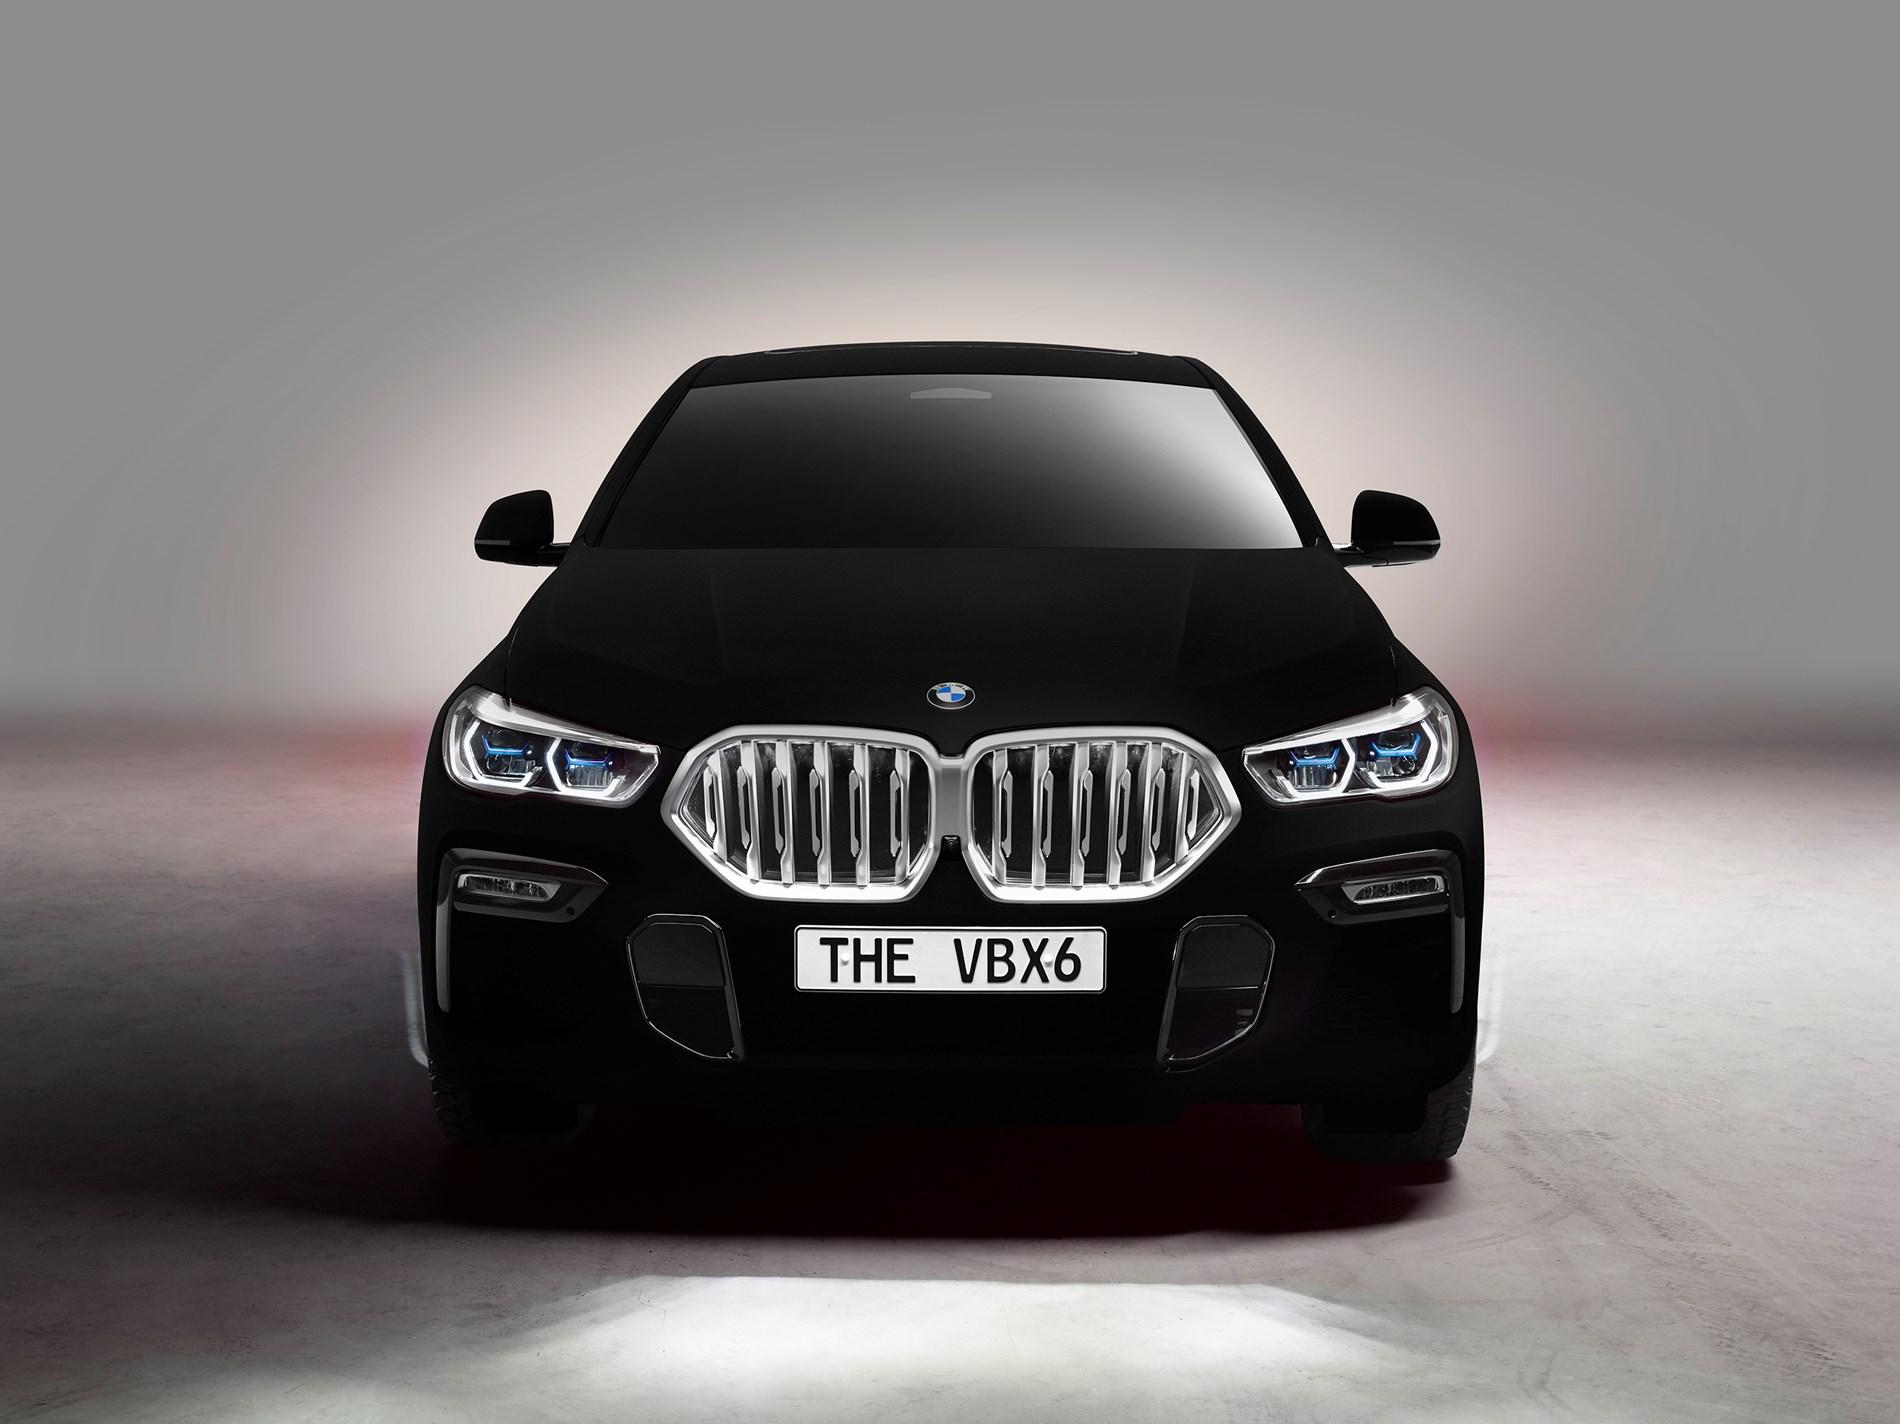 Nieuwe BMW X6 als spectaculaire showauto: 's werelds eerste voertuig in Vantablack®.